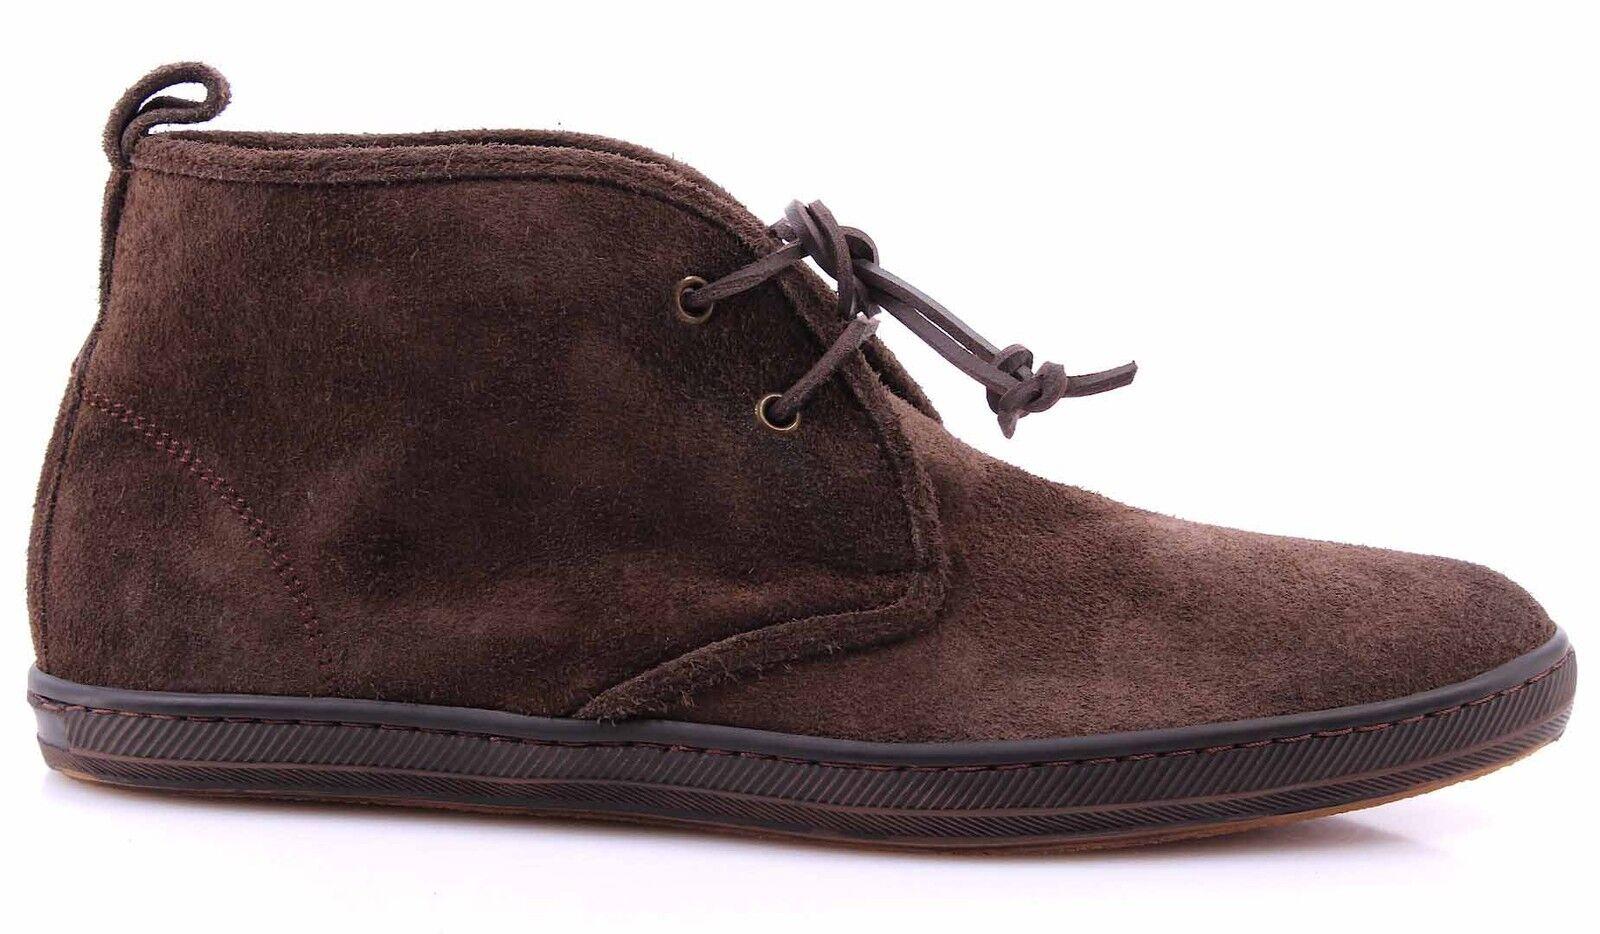 Scarpe 320516l Uomo Alla Caviglia Desert Boot CYCLE 320516l Scarpe PA0 Panarea Torba Camoscio 72a498